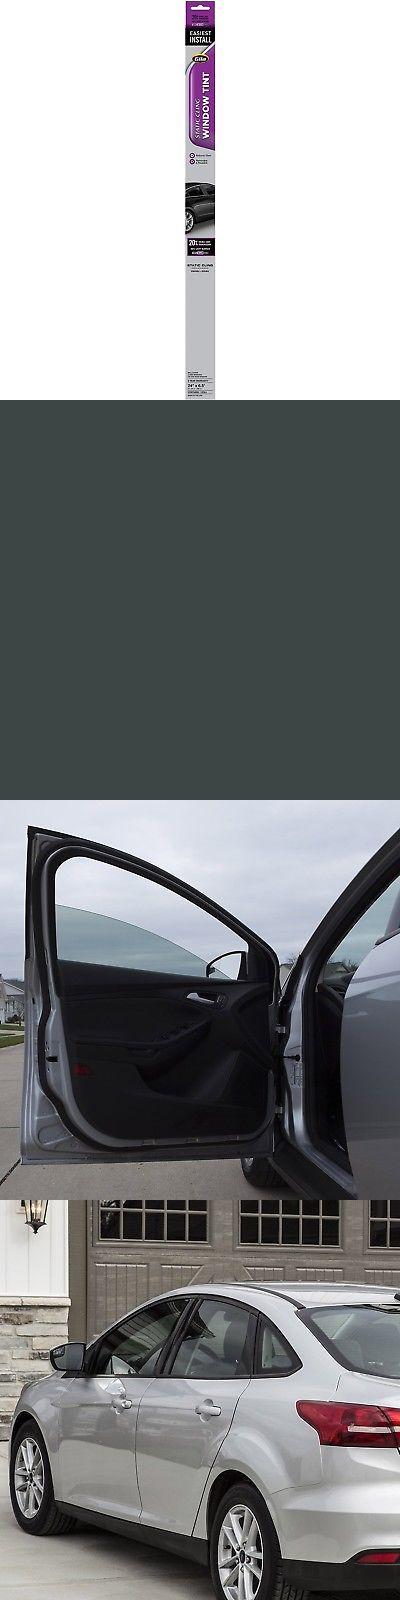 Pin On Window Film 175757